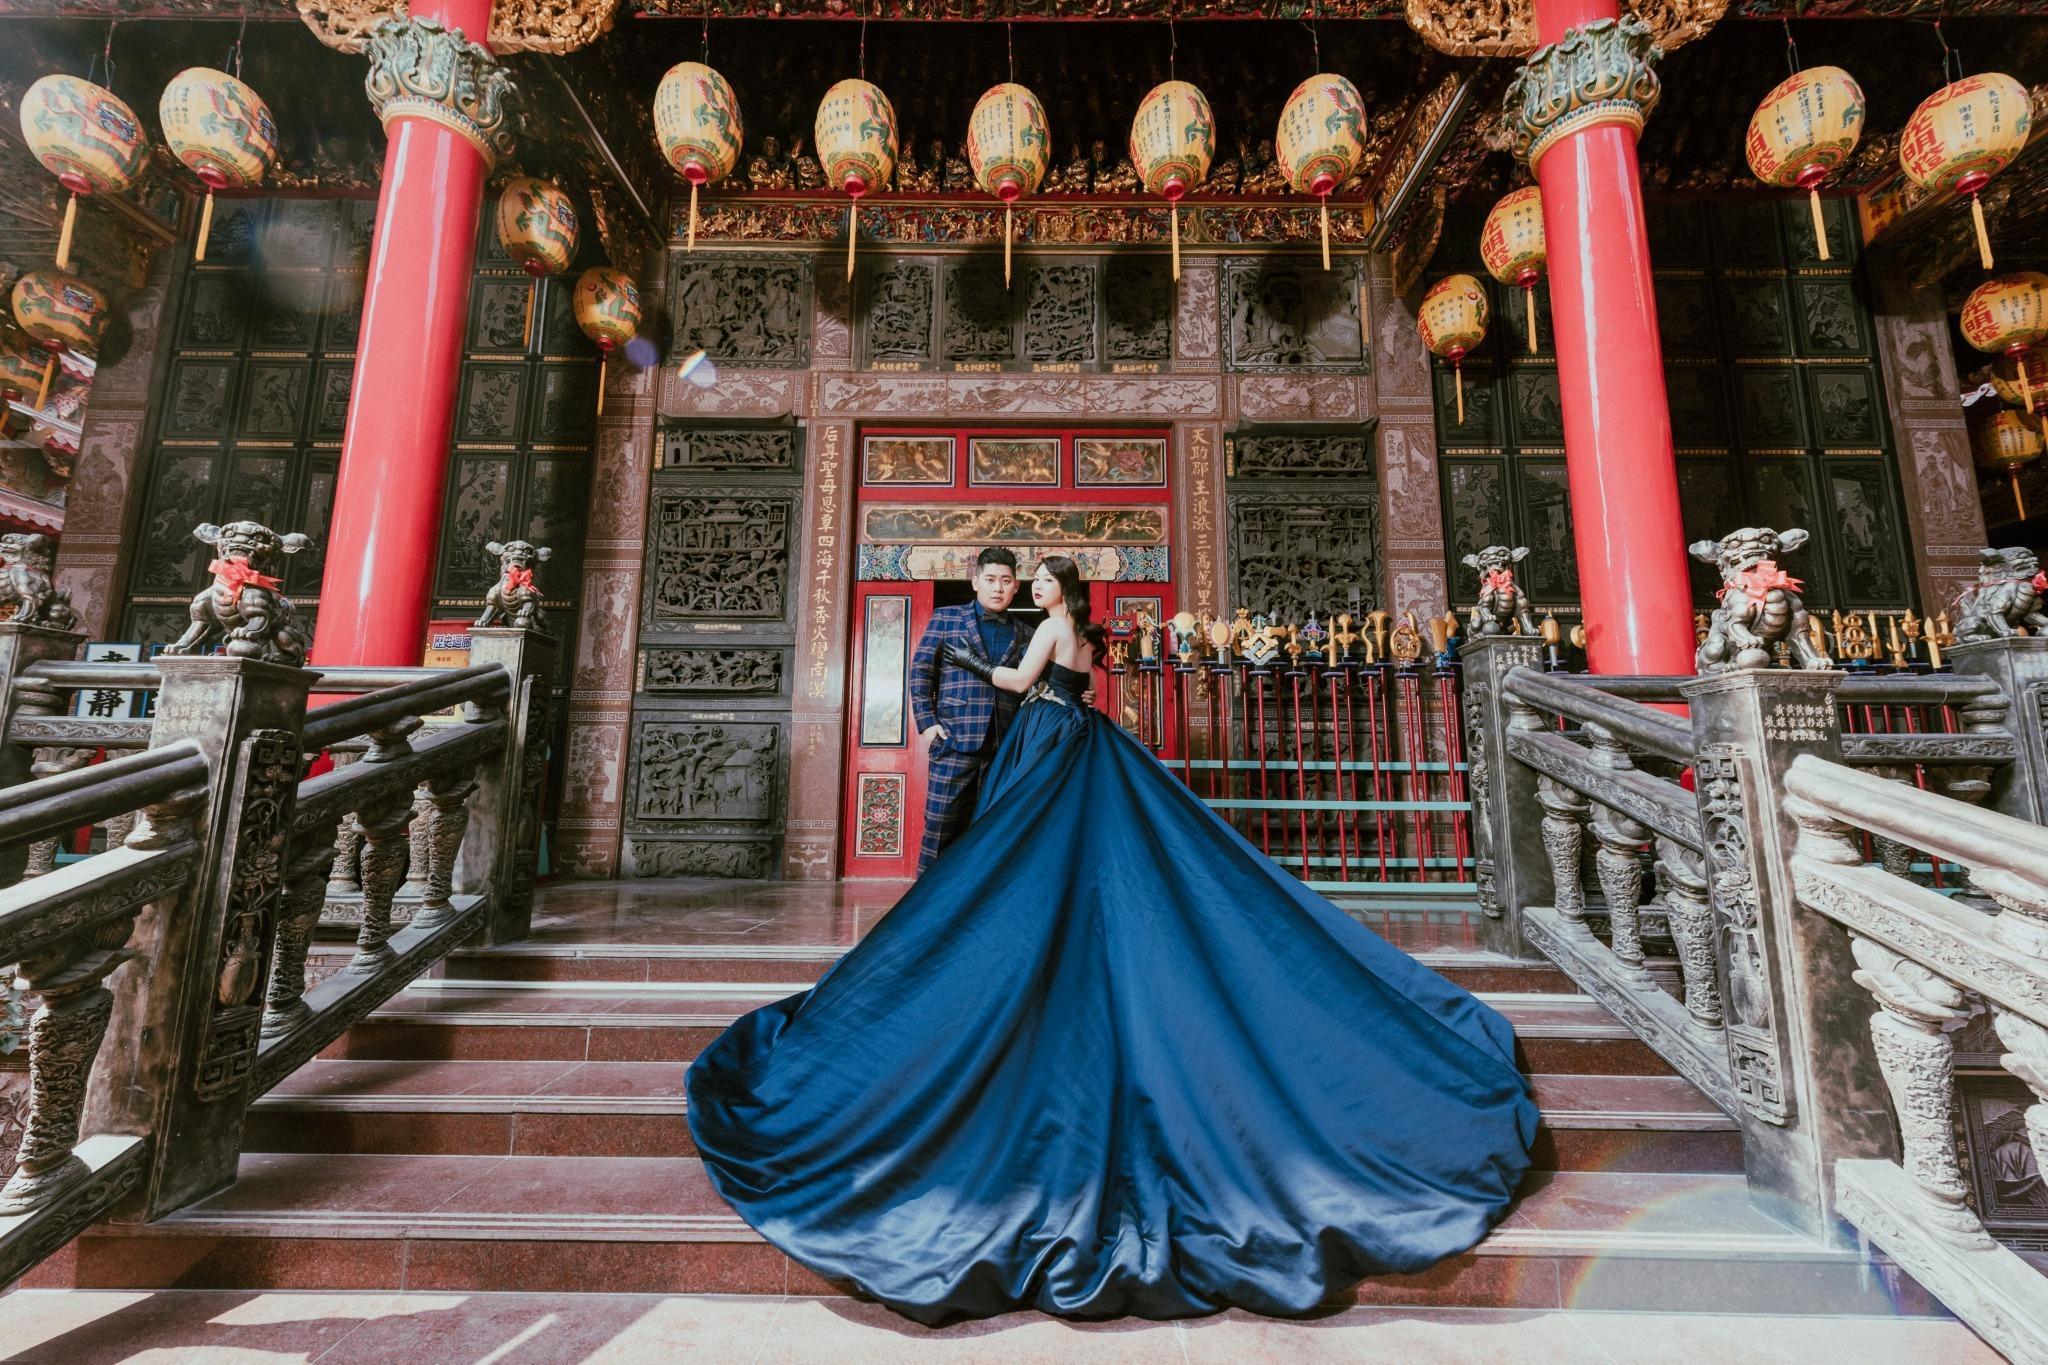 台南自助婚紗|鹿耳門天后宮的時尚廟宇婚紗|fantasy范特囍手工婚紗